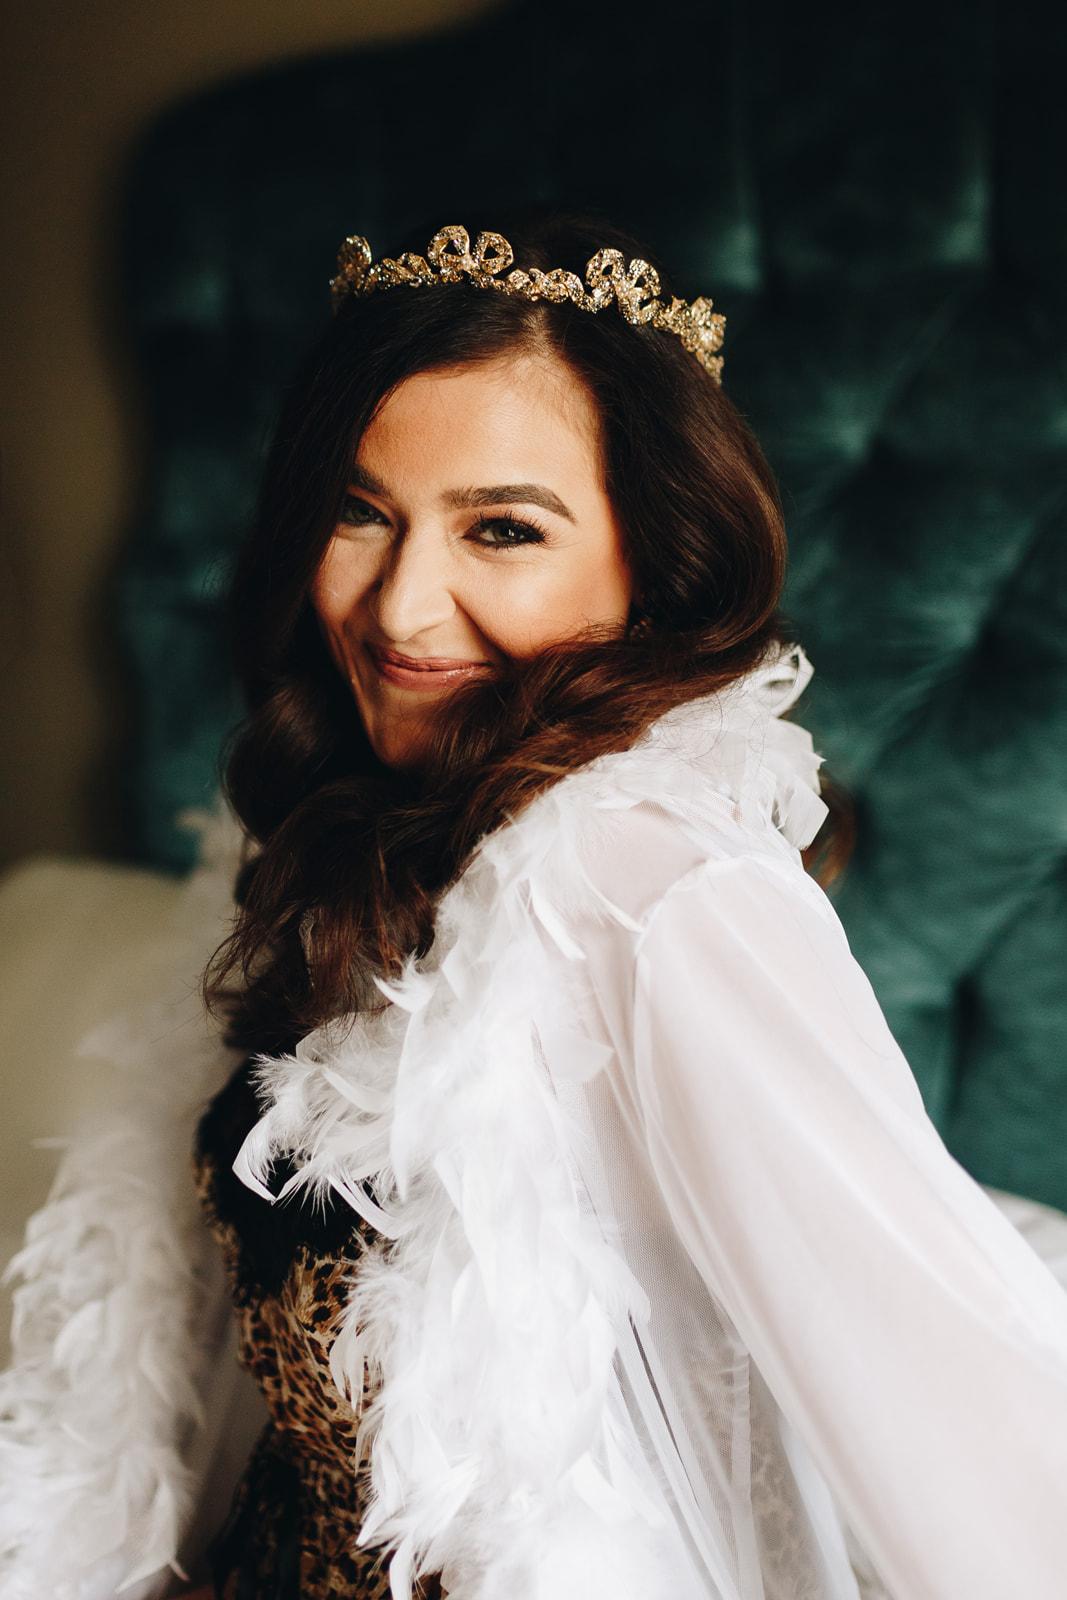 grand bohemian orlando wedding venue maria elena headpieces bride getting ready room